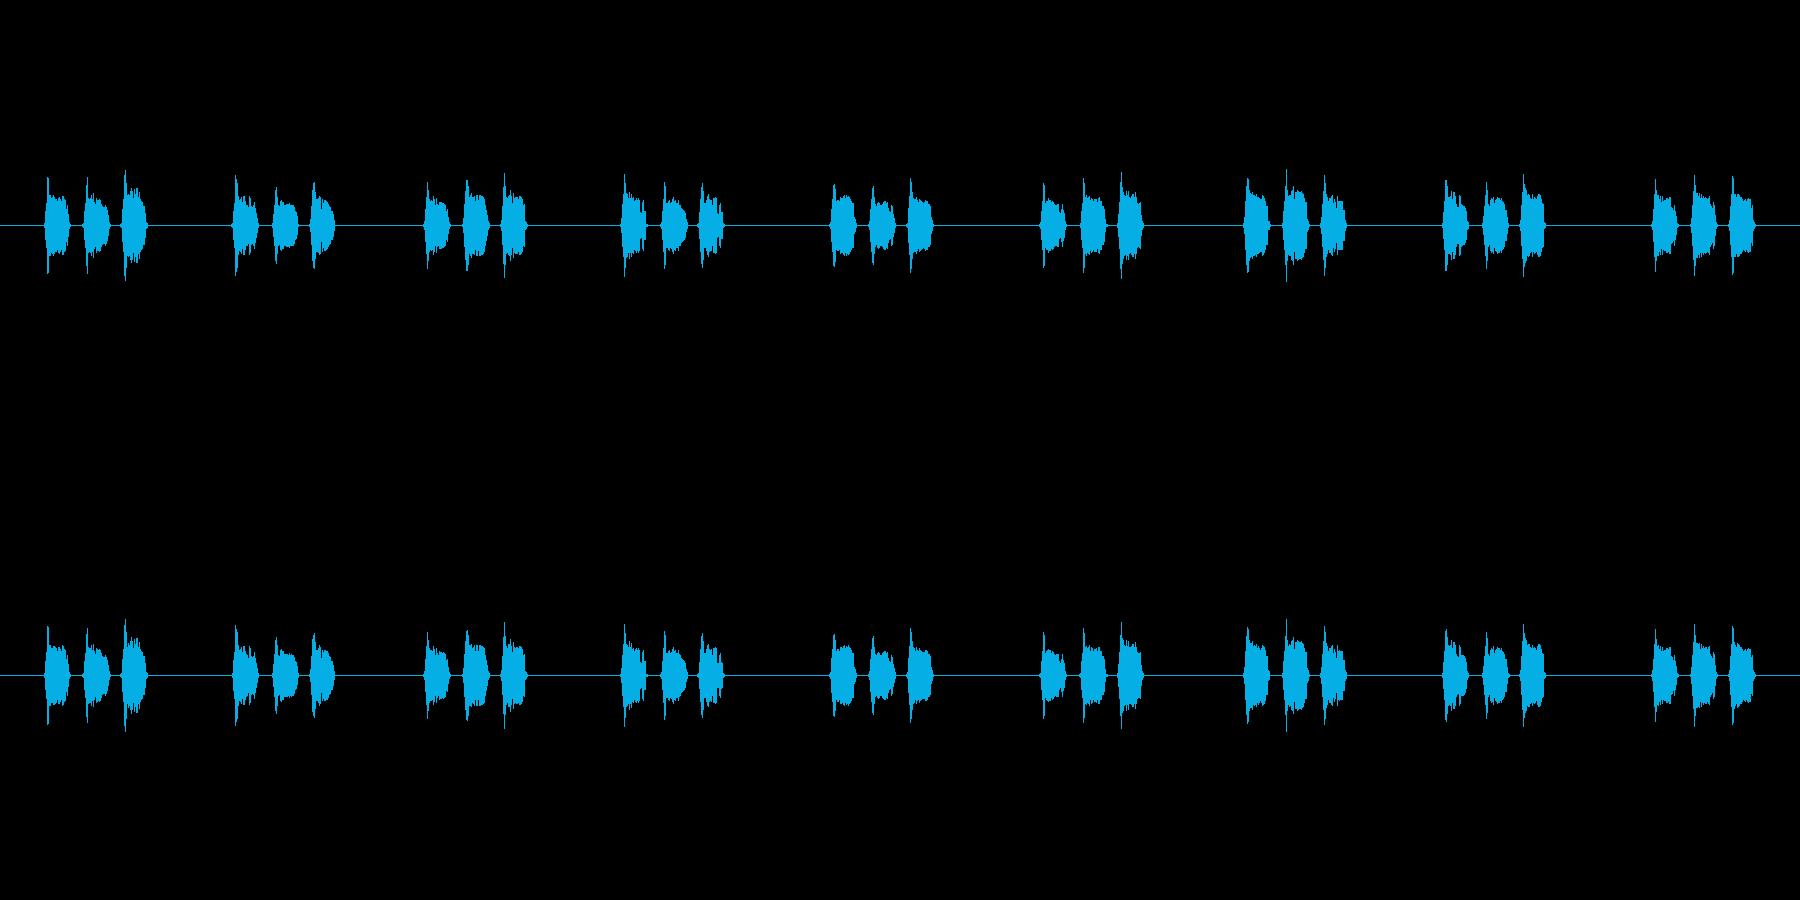 【慌てる02-4】の再生済みの波形